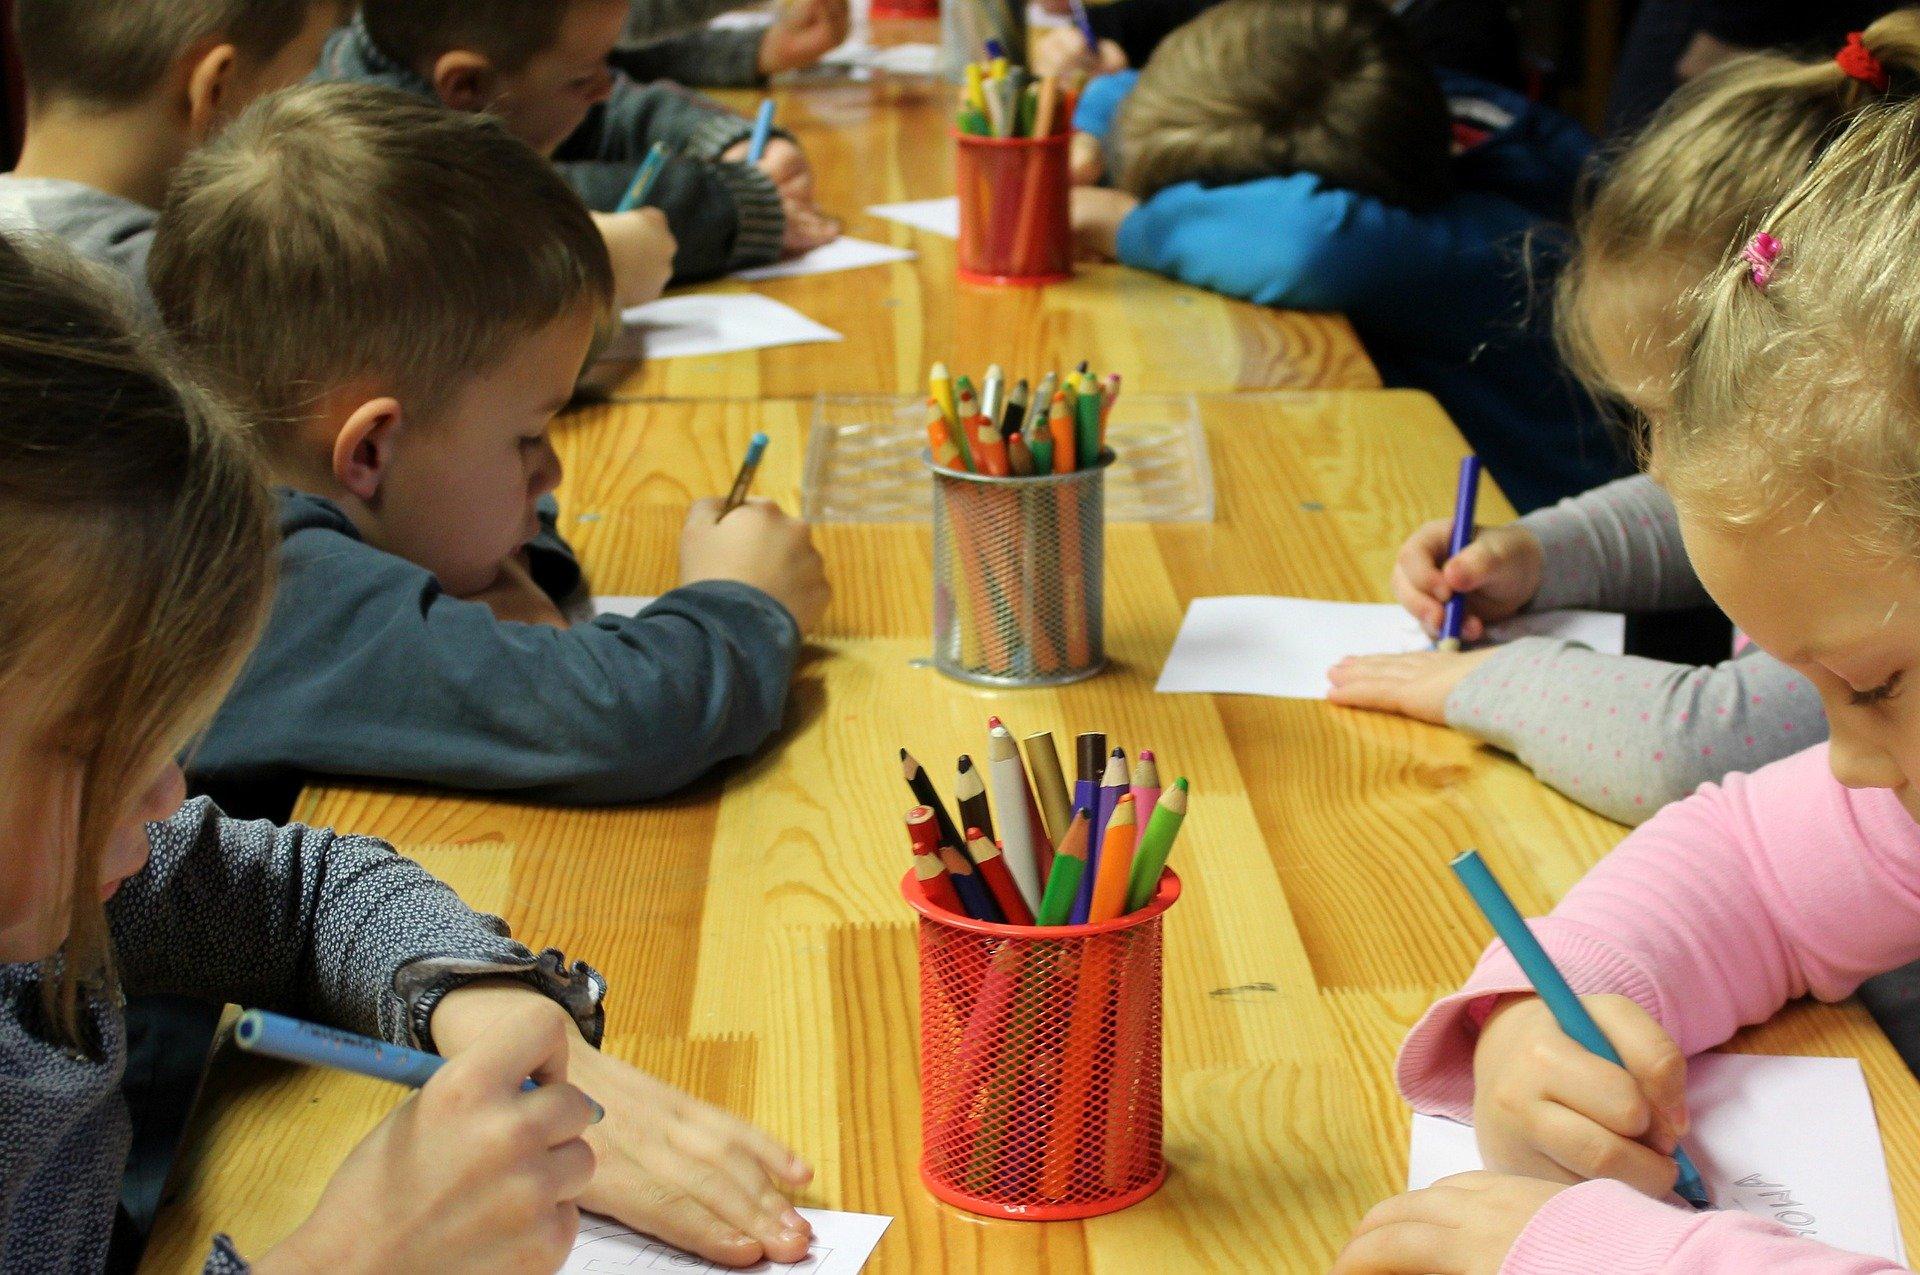 Dla małych Pomorzan. Ponad 55 mln zł unijnego dofinansowania na nowe przedszkola